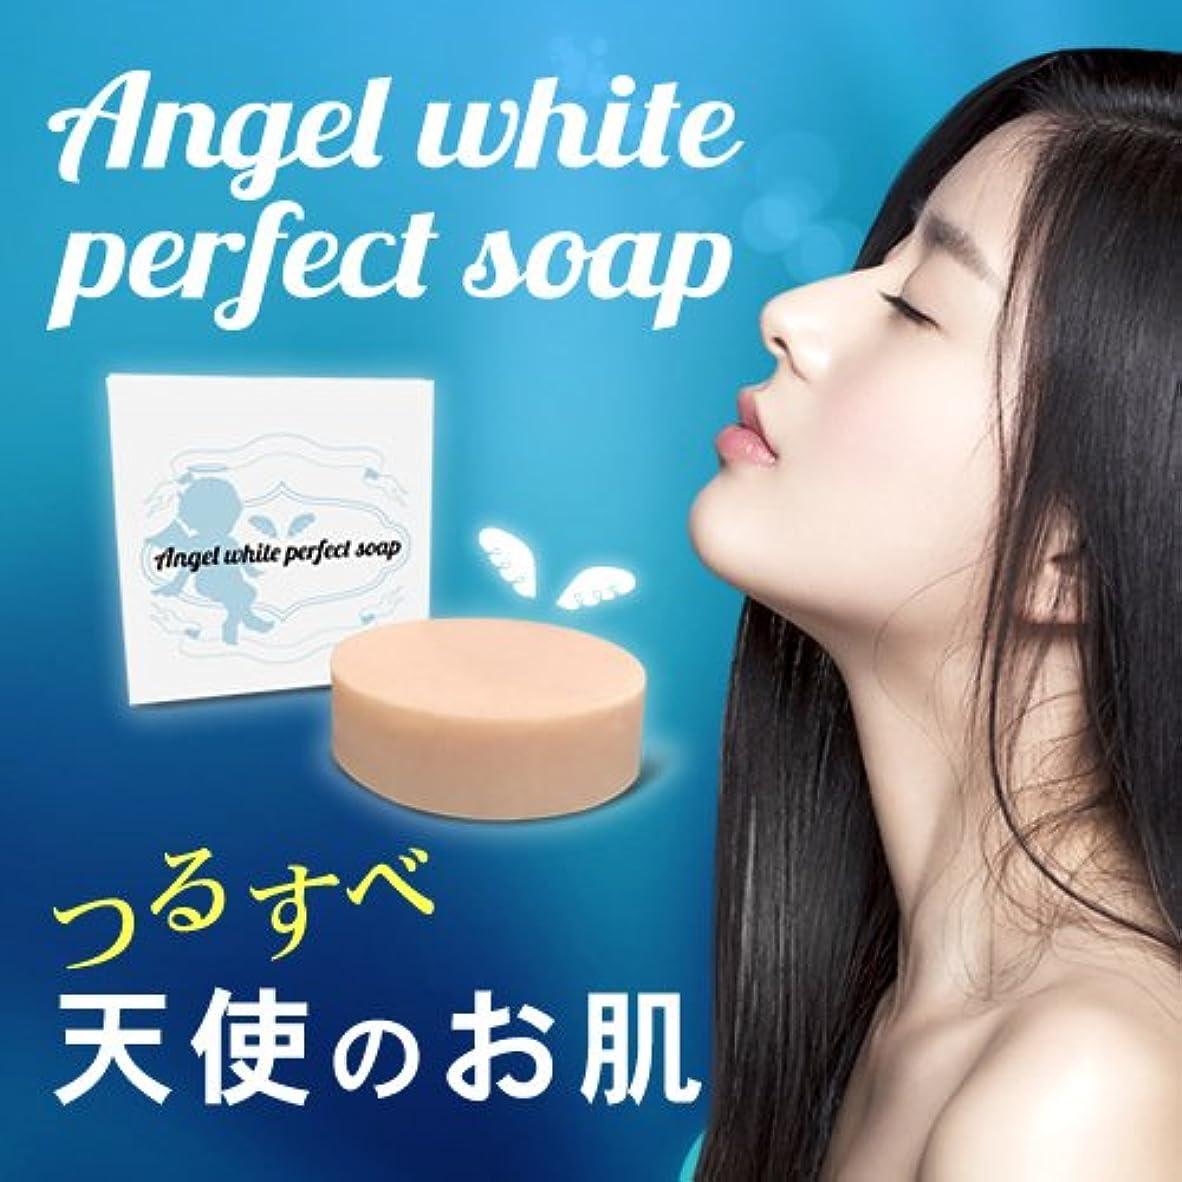 コミュニティ患者石膏Angel White Perfect Soap(エンジェルホワイトパーフェクトソープ) 美白 美白石けん 美肌 洗顔石鹸